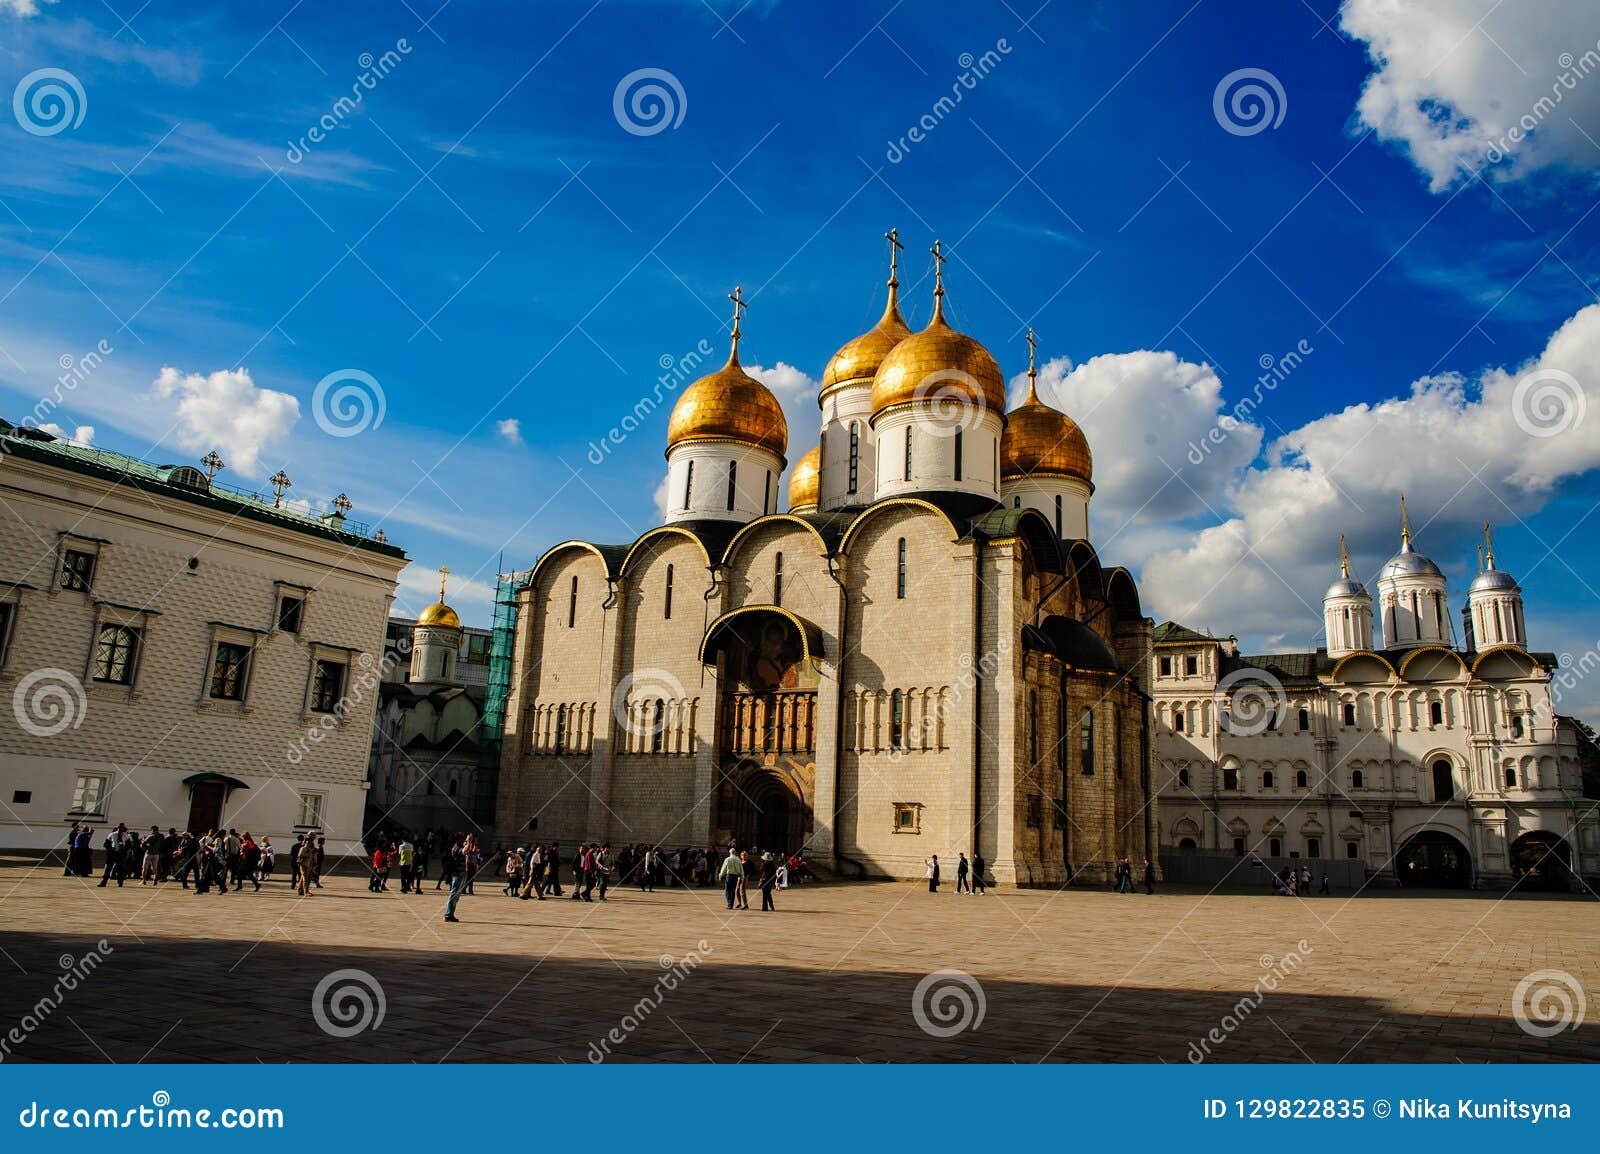 乌斯片斯基大教堂在克里姆林宫,莫斯科